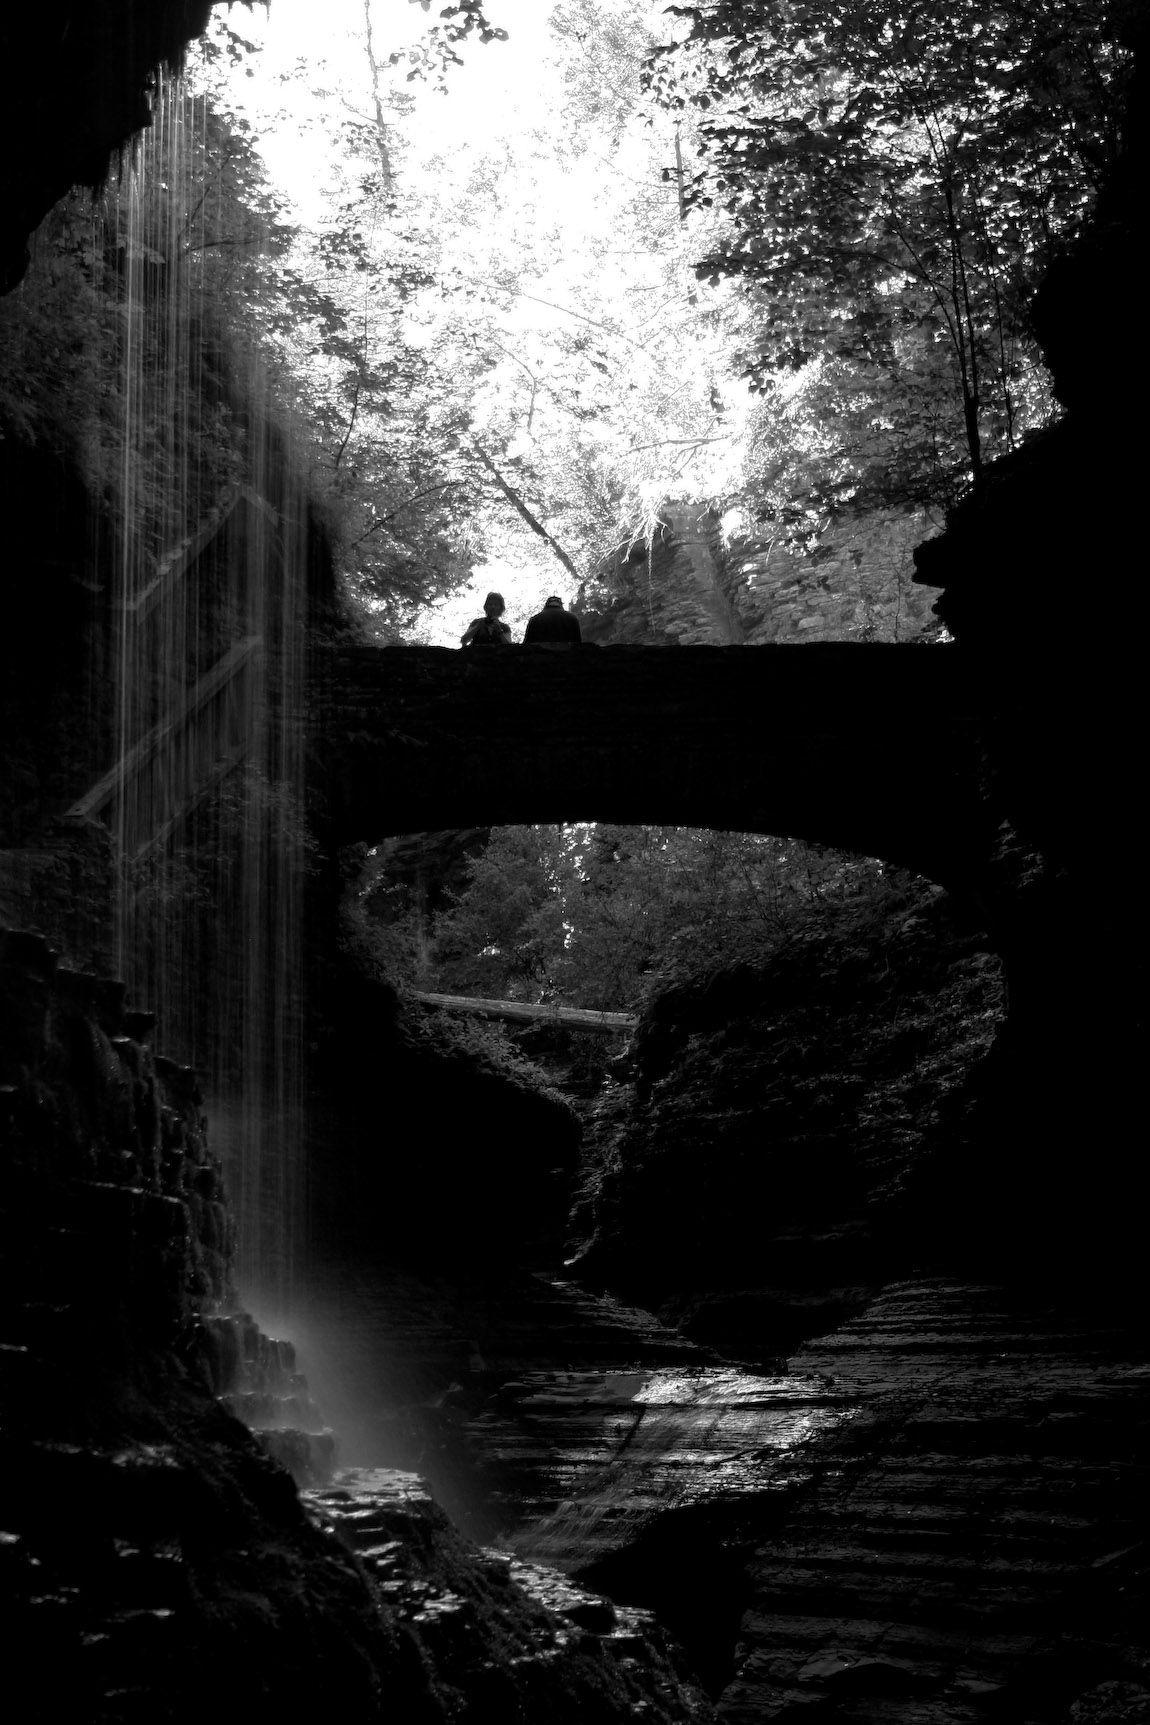 waterfall in black by Misa kralik